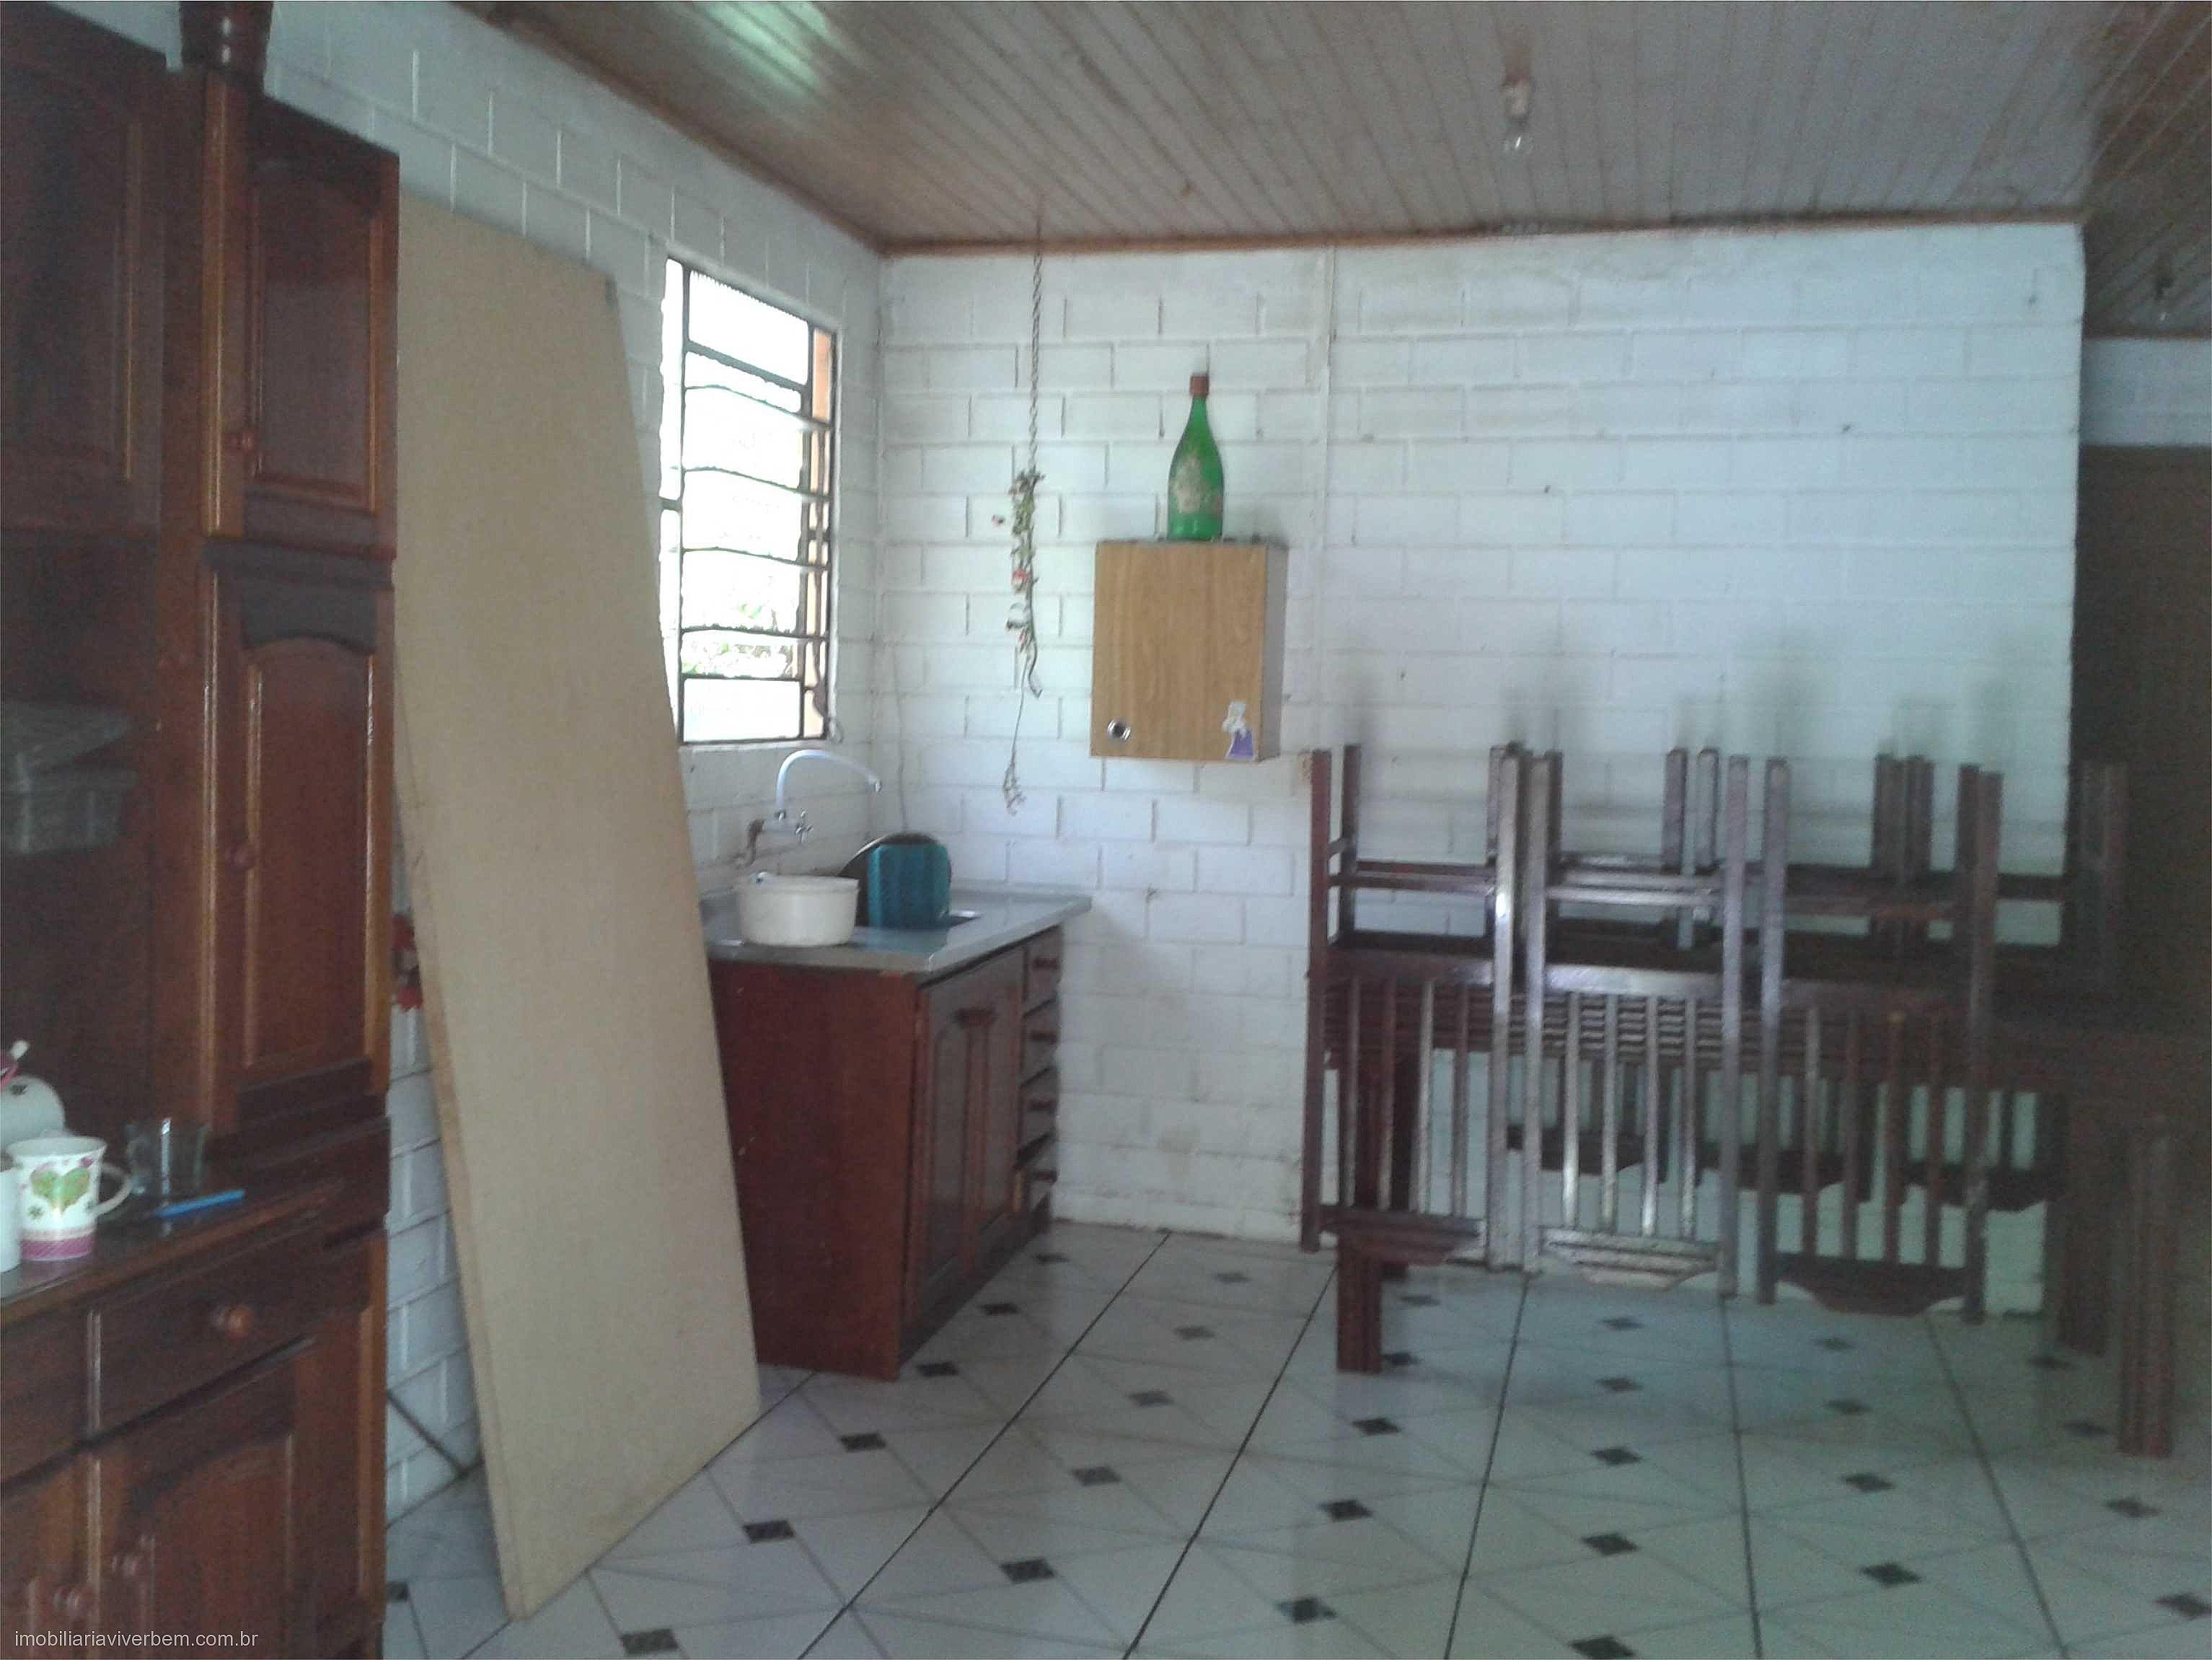 Casa 3 Dorm, Morretinho, Portão (135591) - Foto 7